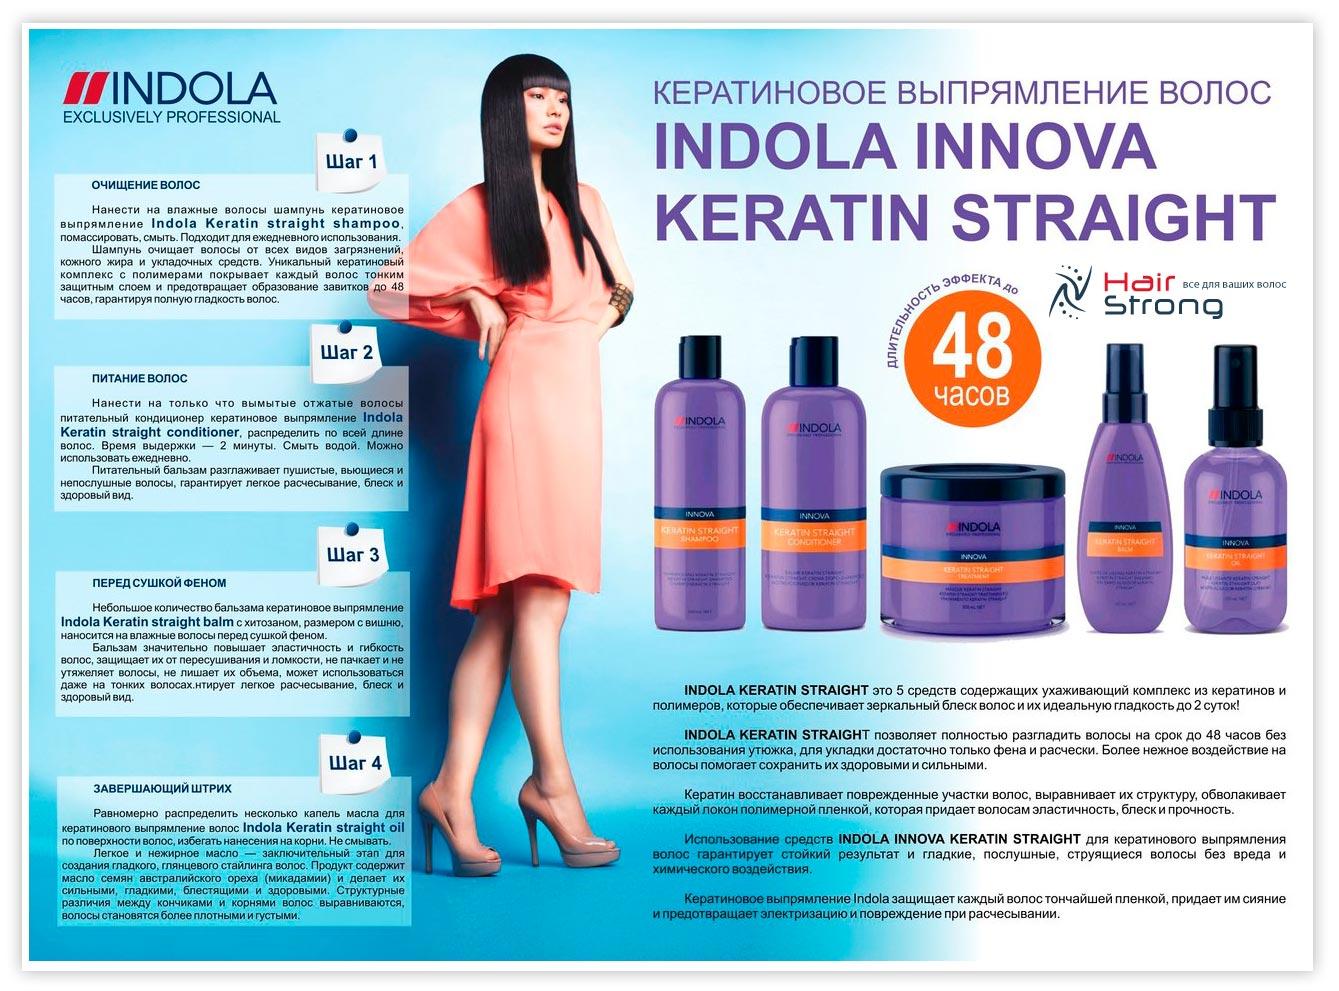 Инструкция кератинового выпрямления Indola